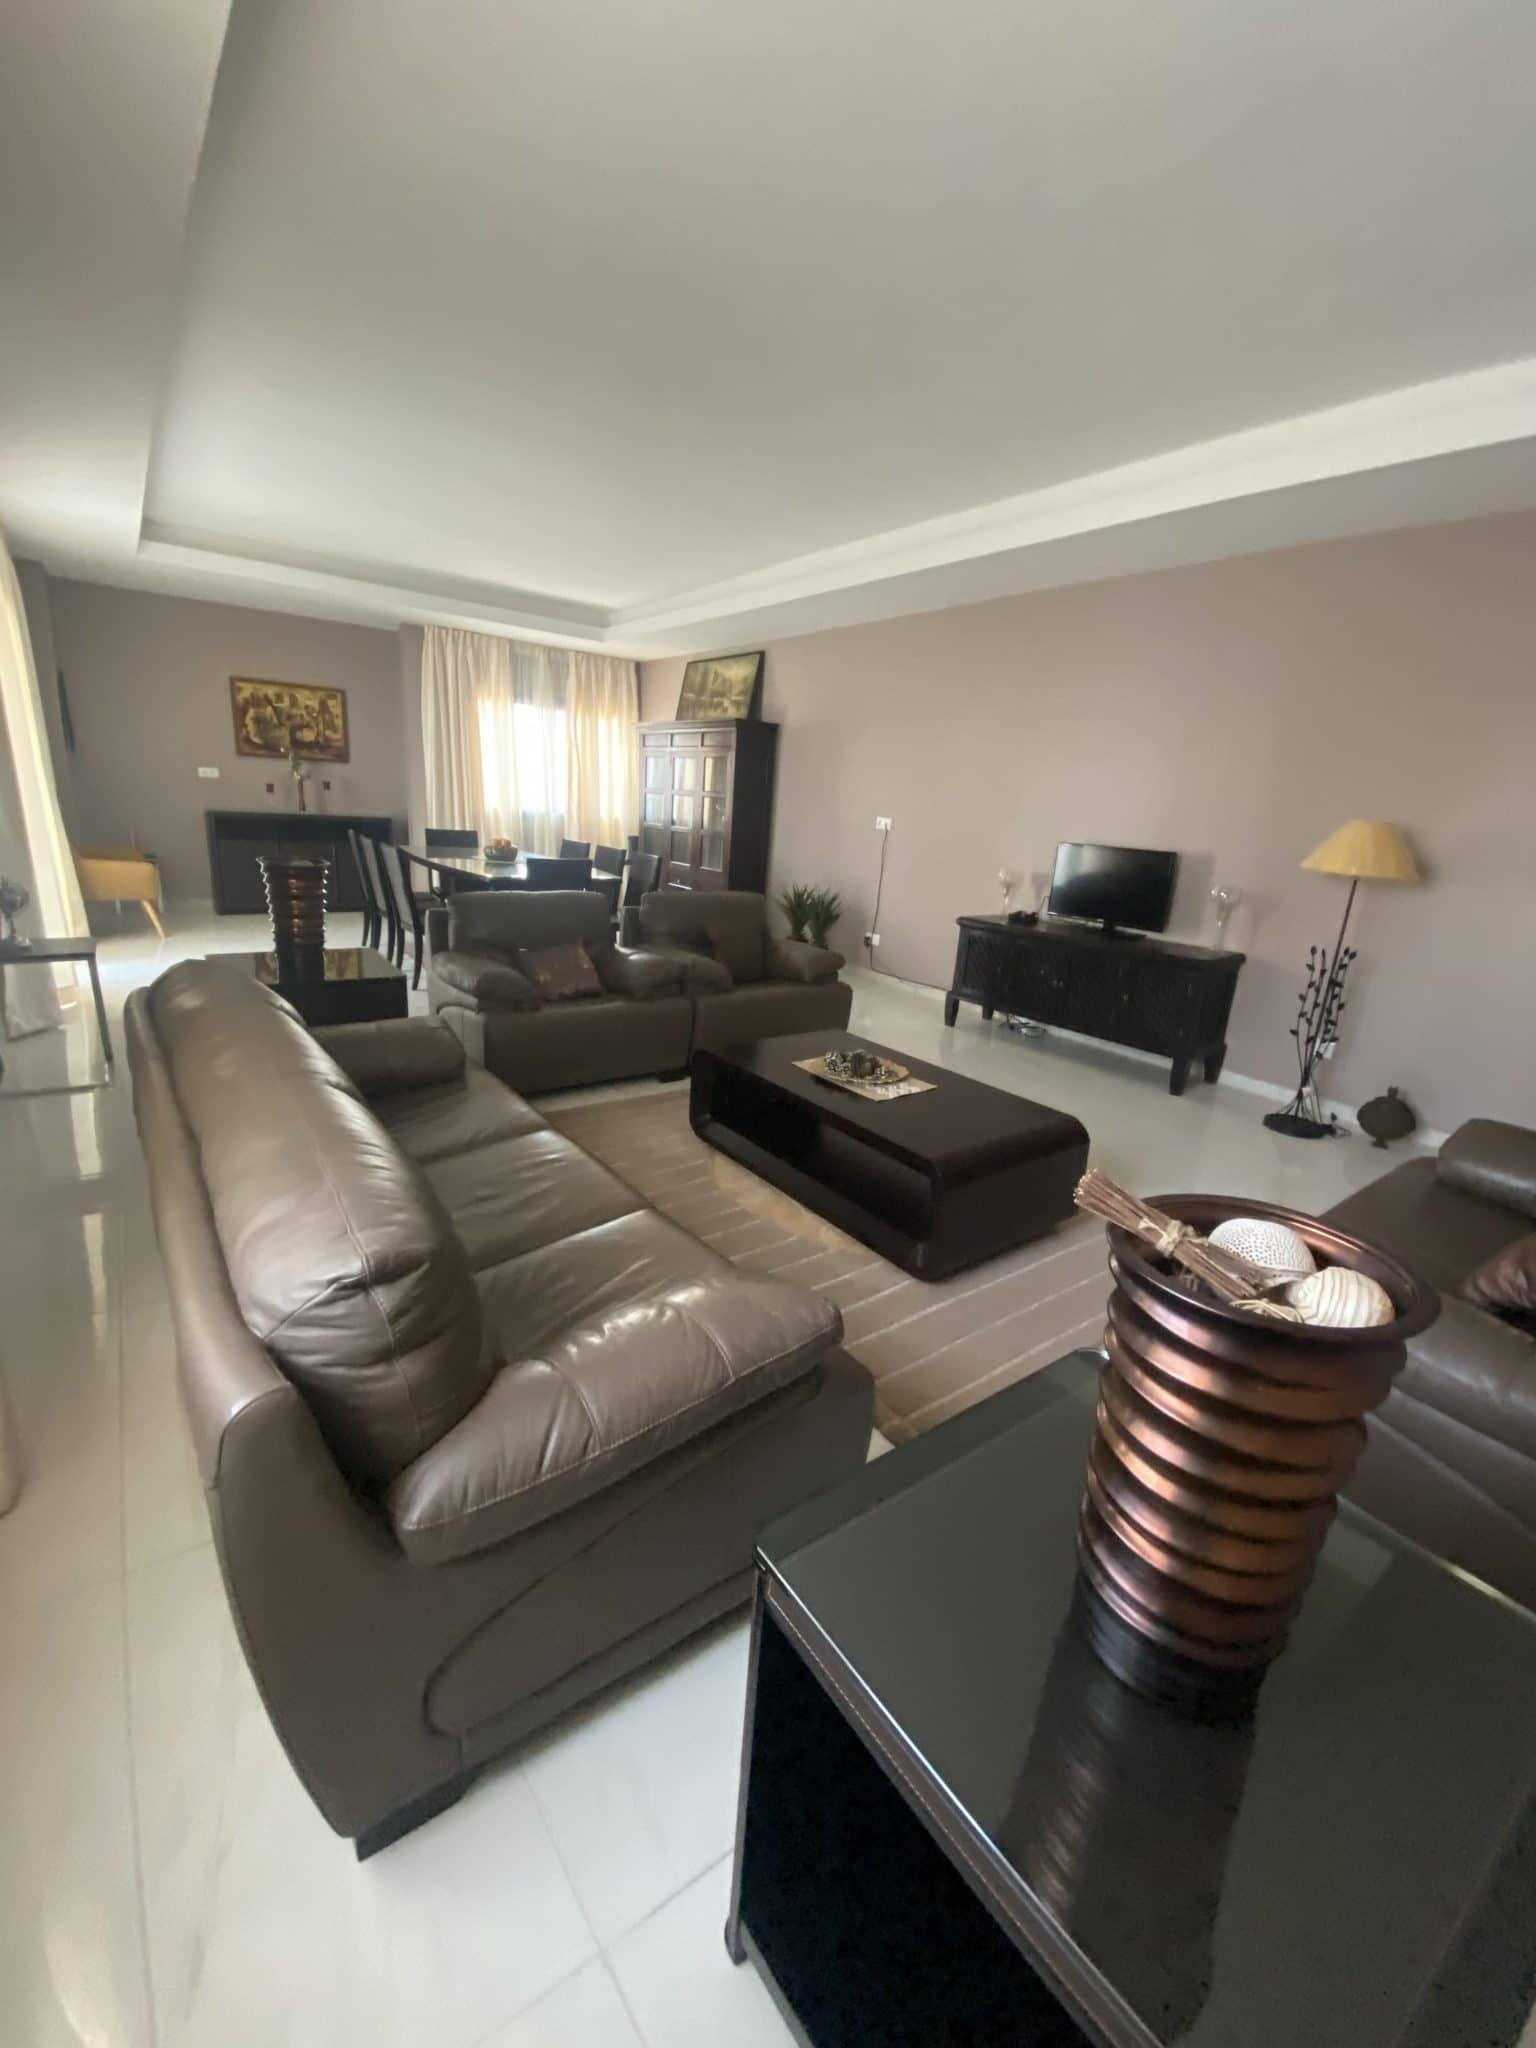 Appartement meublé à louer DAkar Ngor